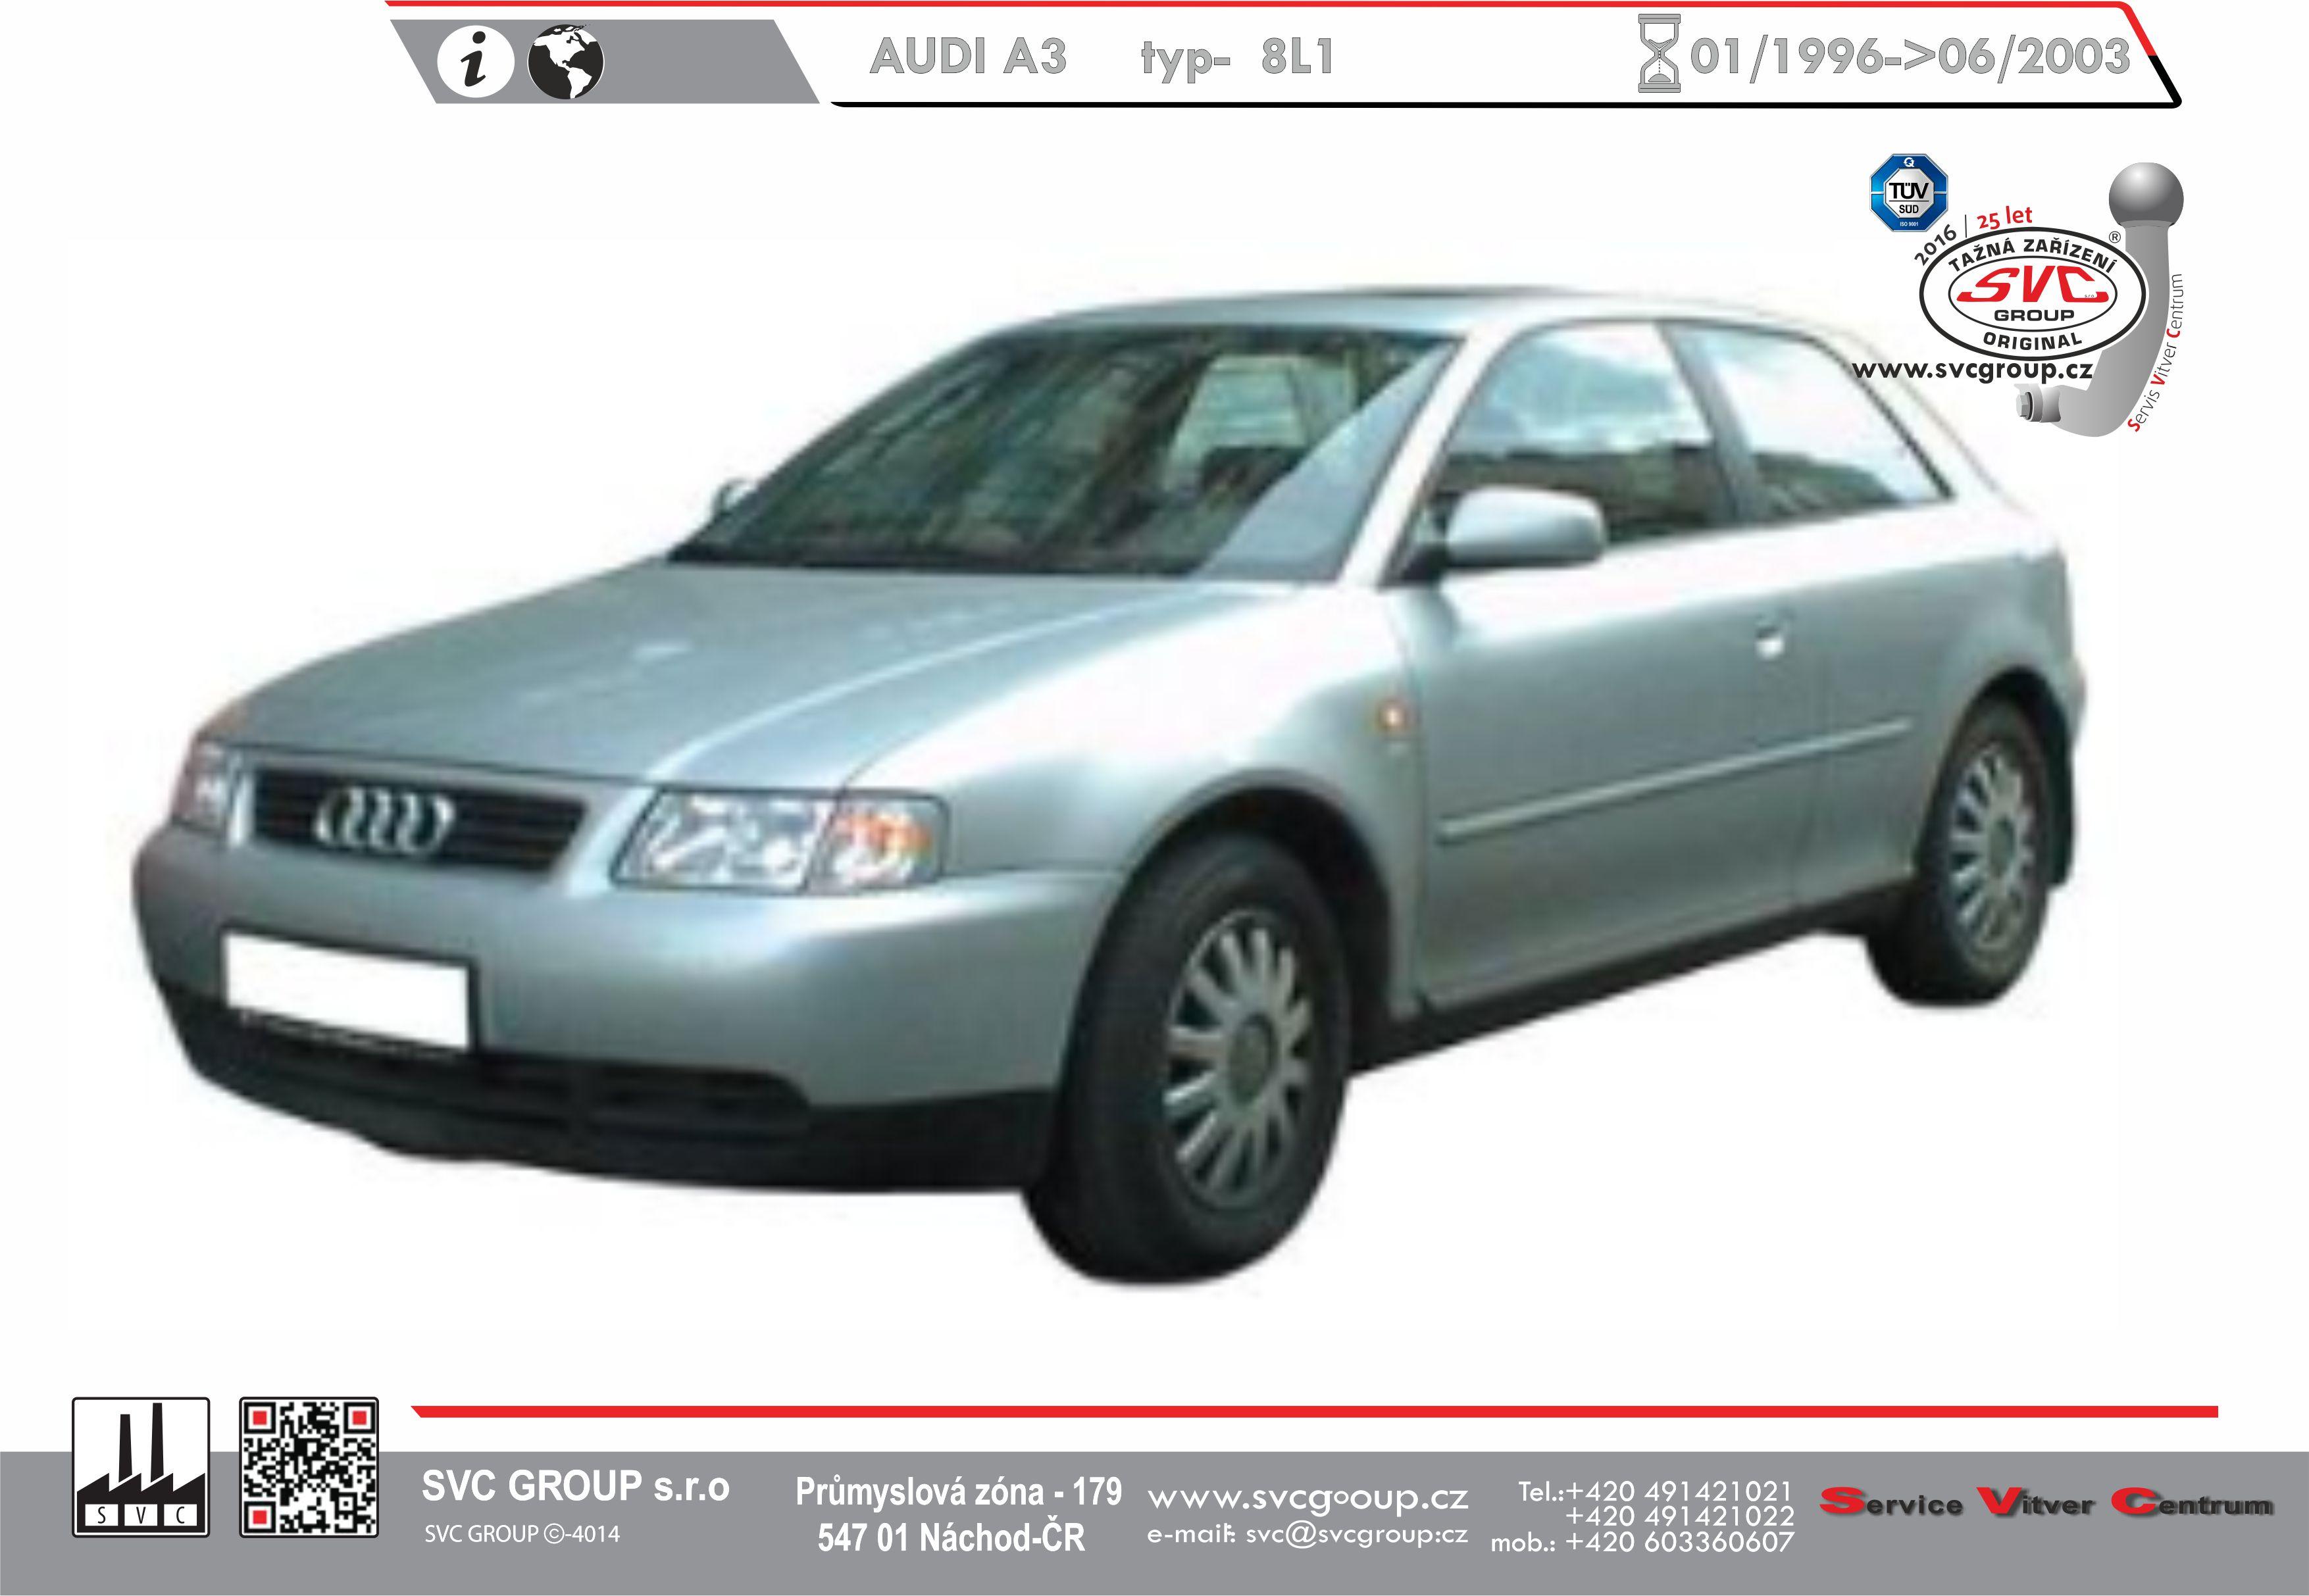 Audi A3 Hatchback ne 4x4 (1996-2003)